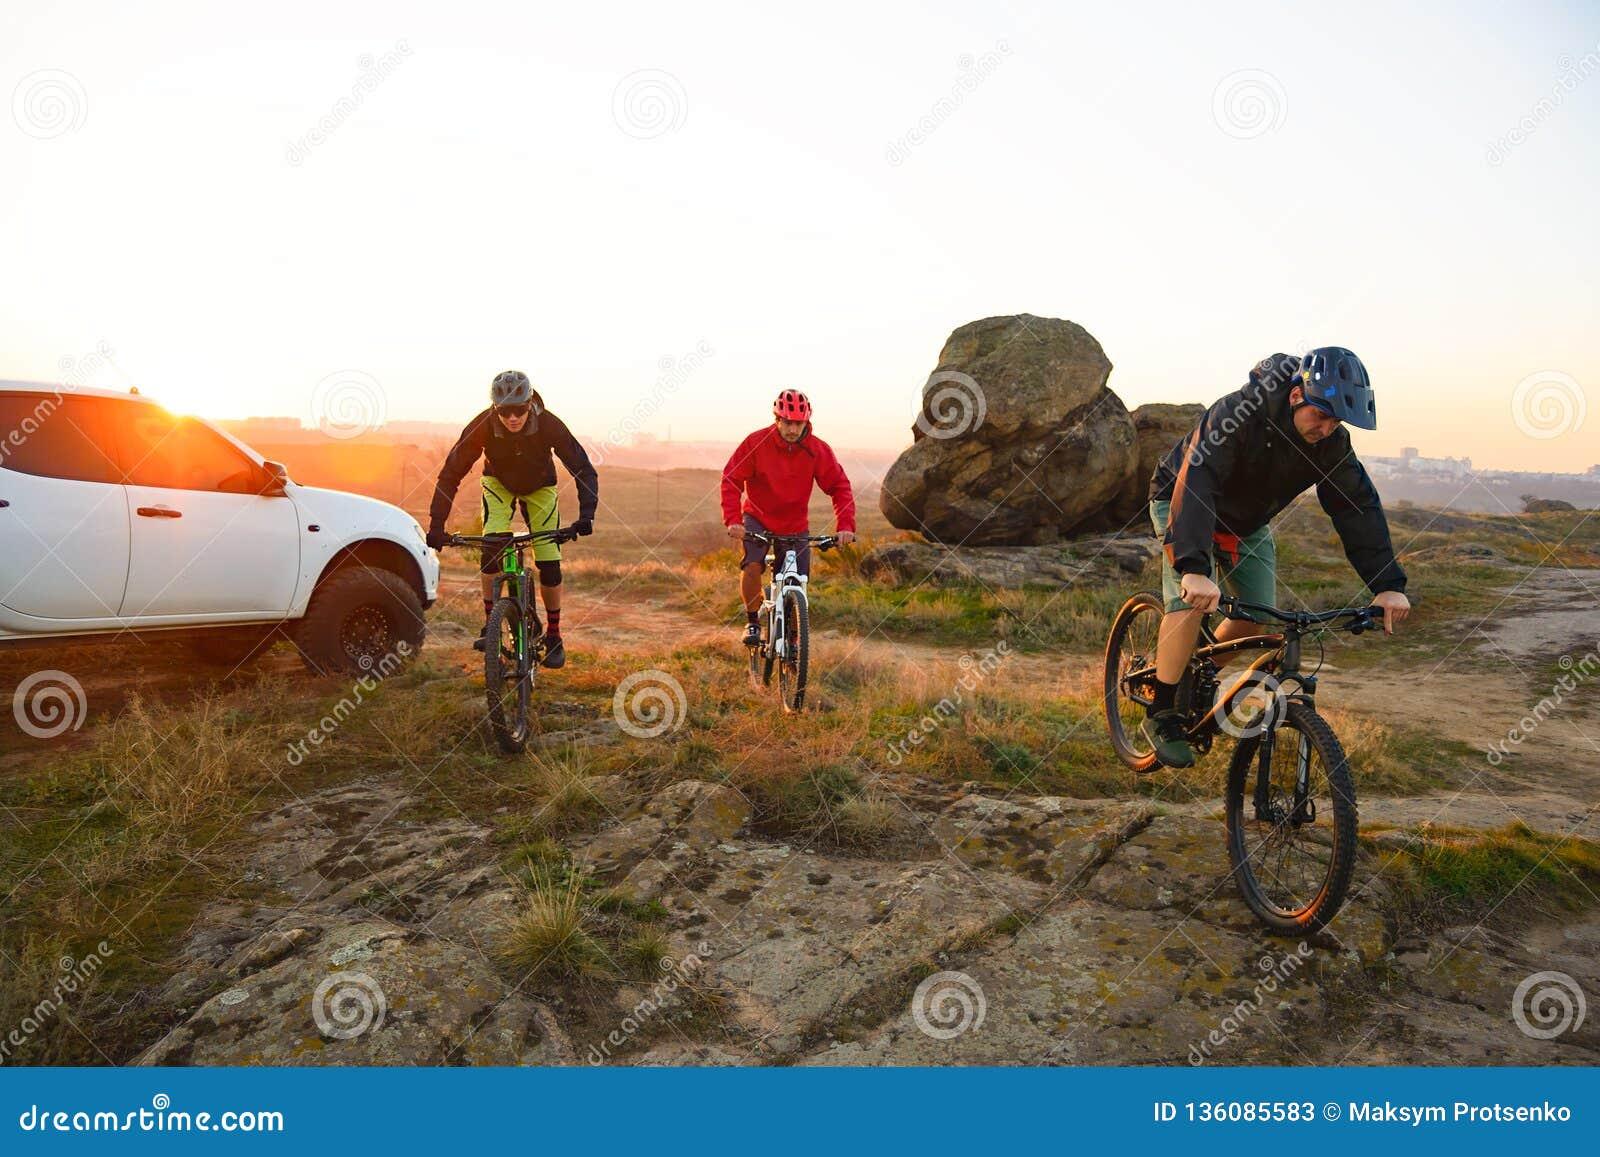 Друзья ехать велосипеды в горах перед приемистостью с тележки дороги на заходе солнца Концепция приключения и перемещения